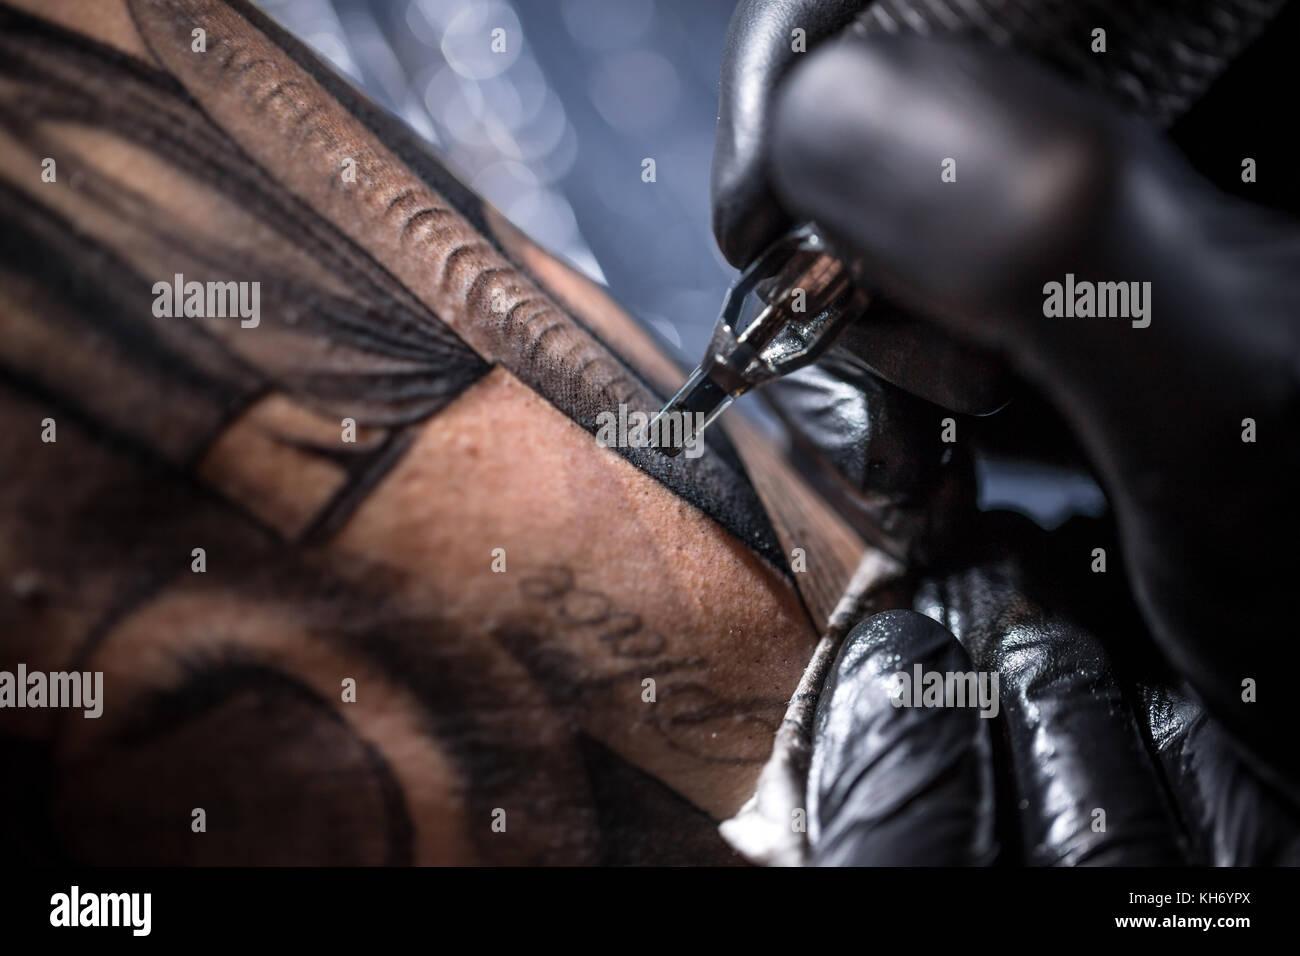 Artista hace un tatuaje profesional tatuaje Imagen De Stock